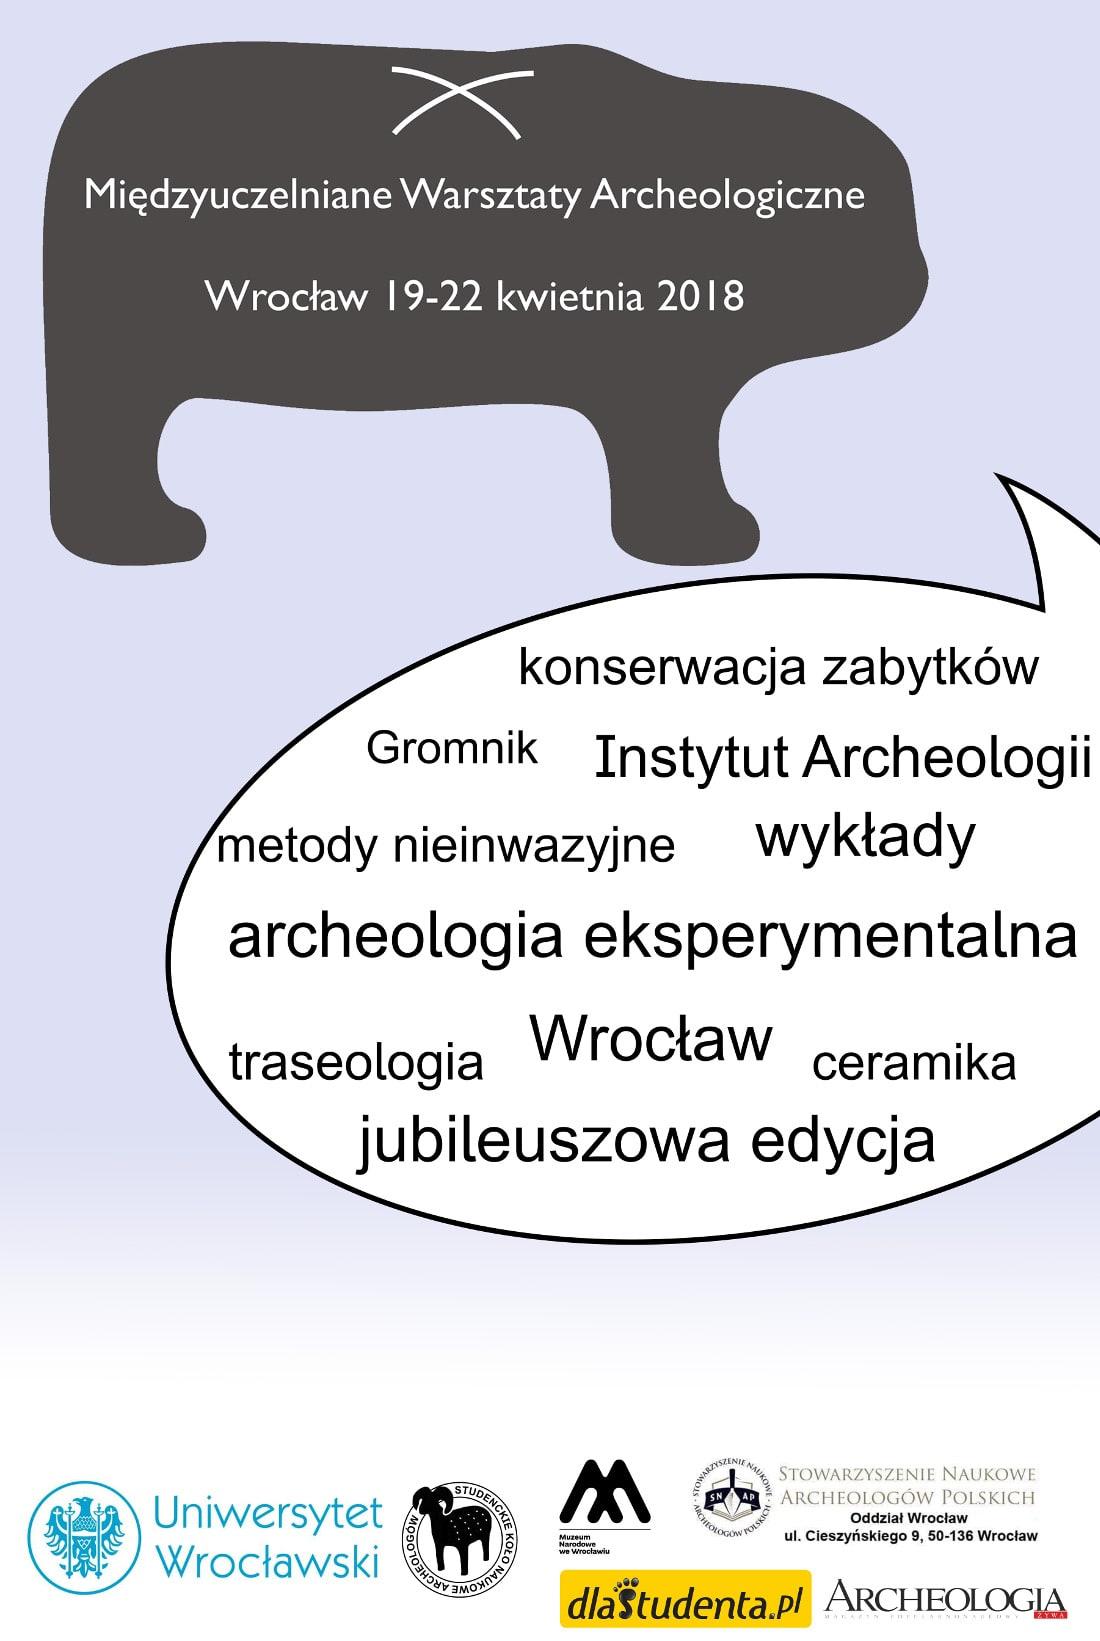 Cykl wykładów rozpocznie się 19 kwietnia 2018 roku.